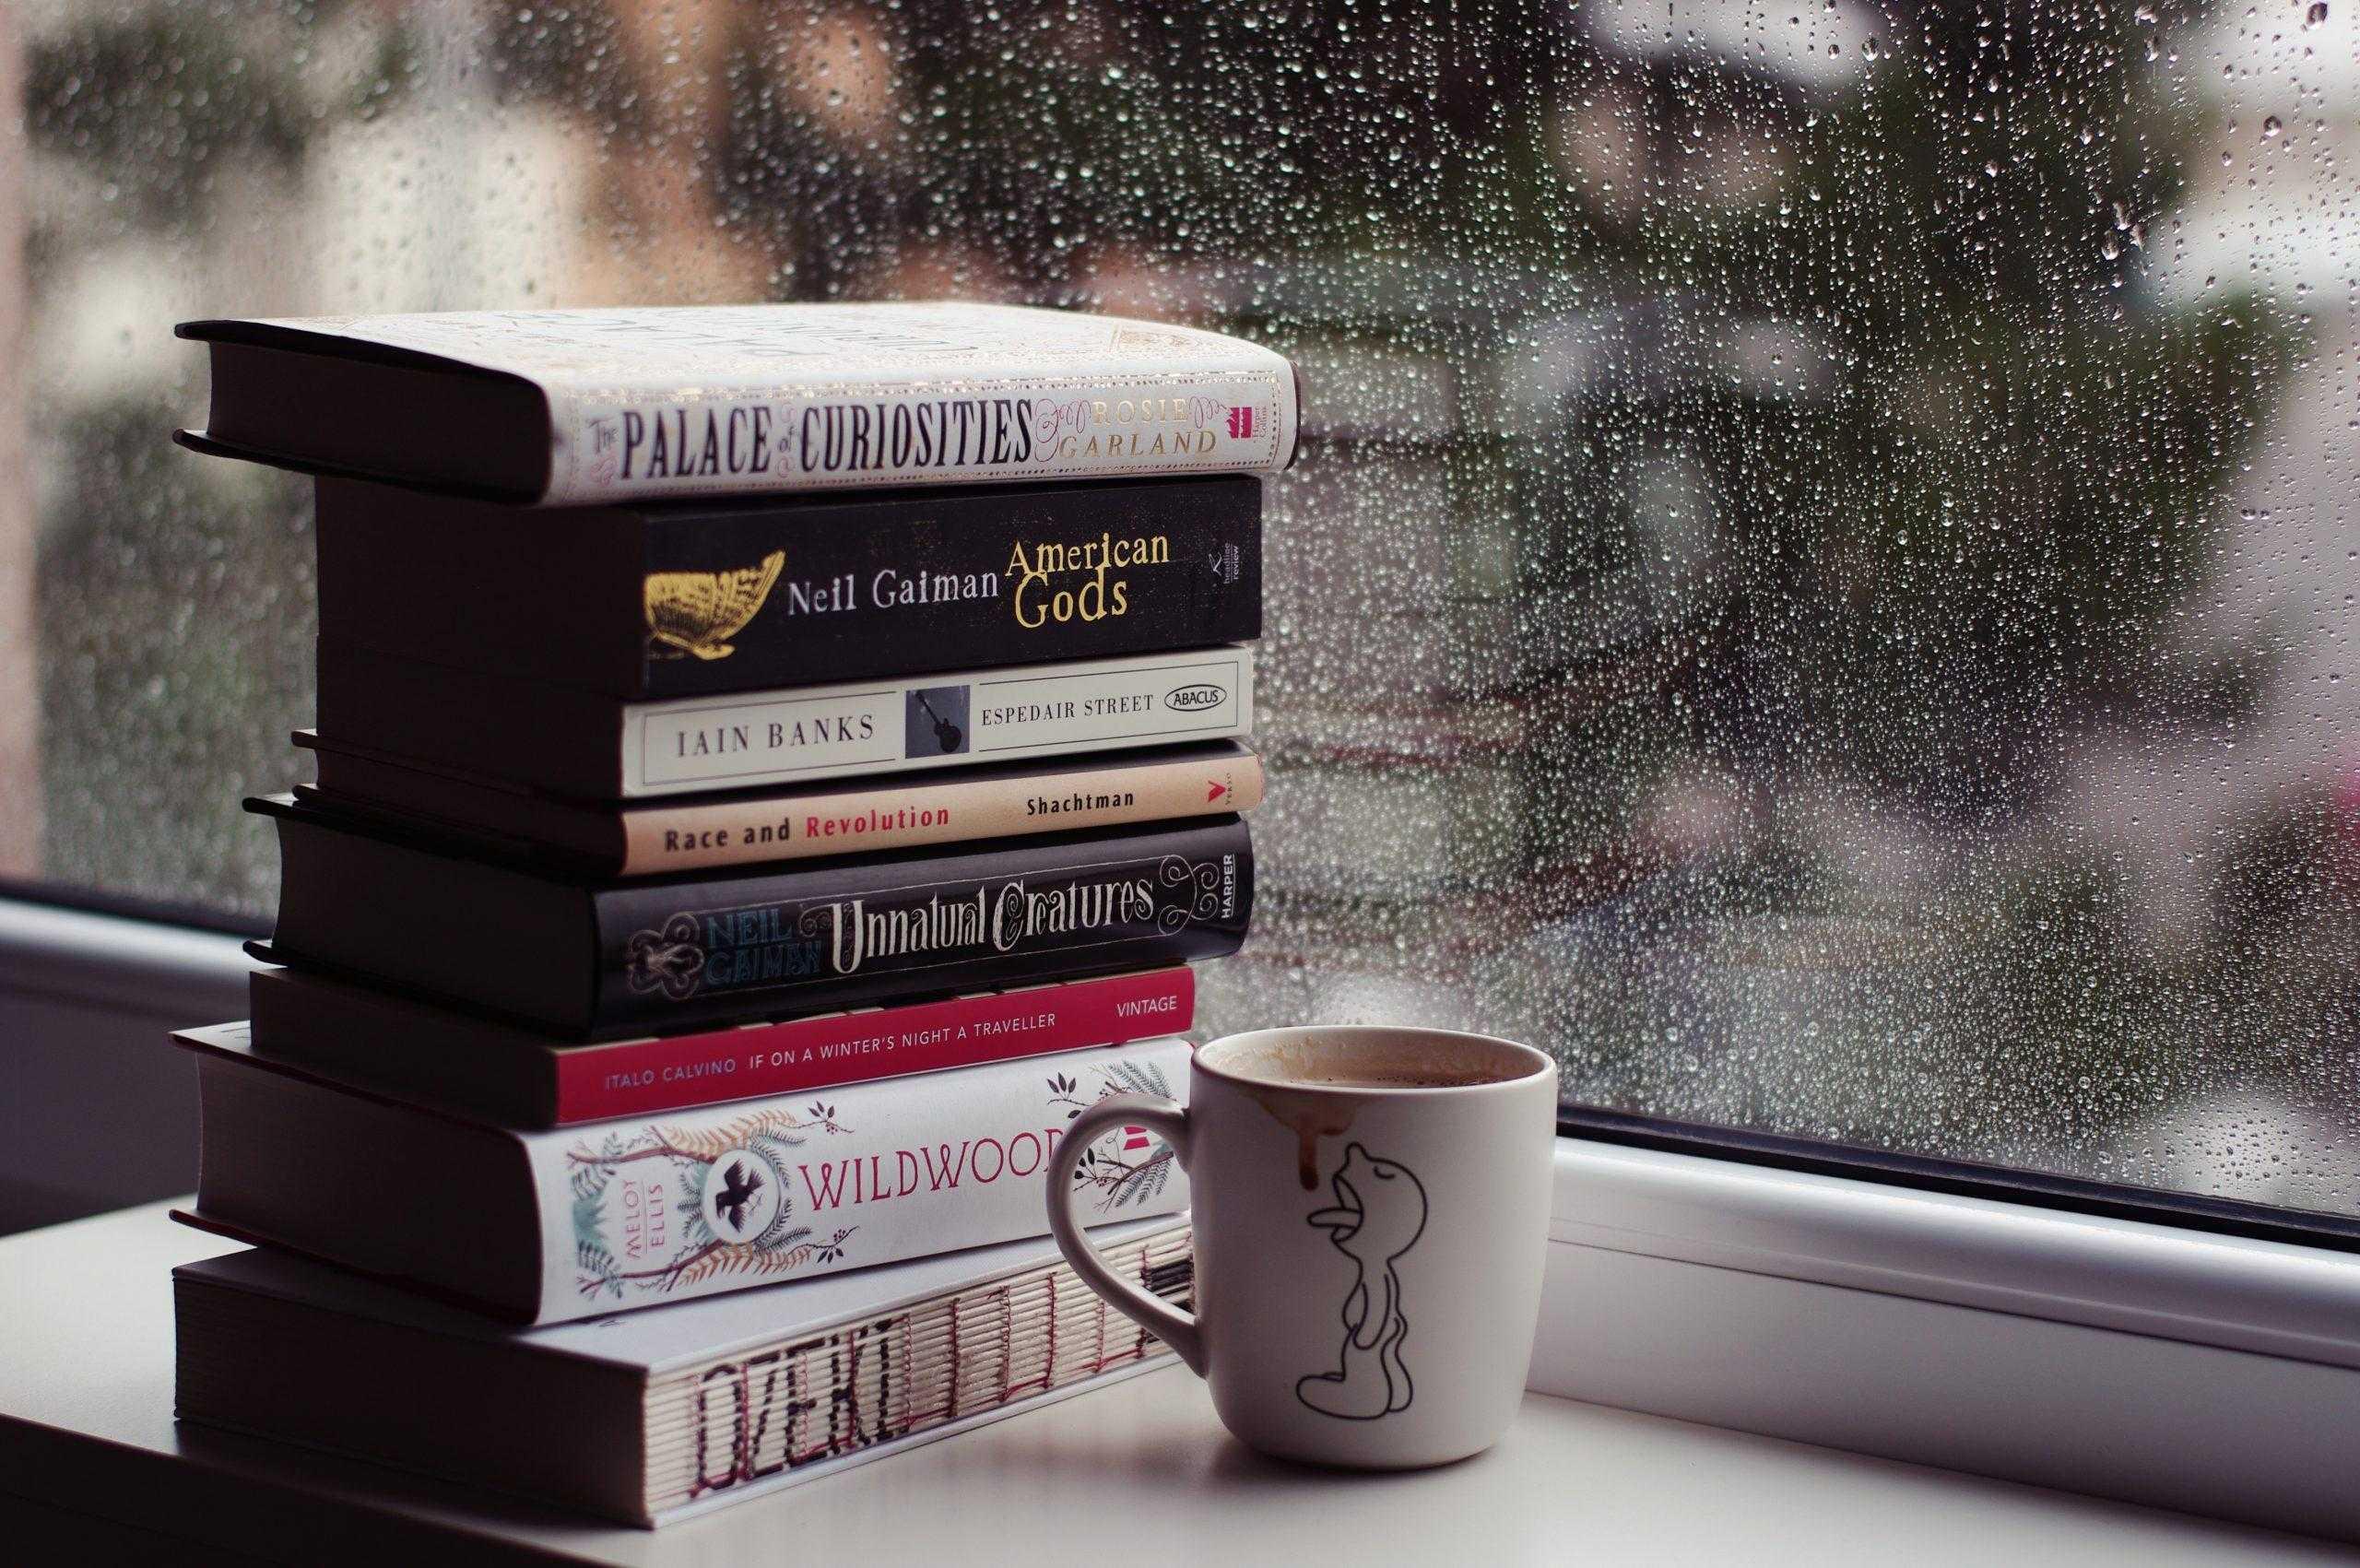 Книжная полка: что читать для пользы уму и телу